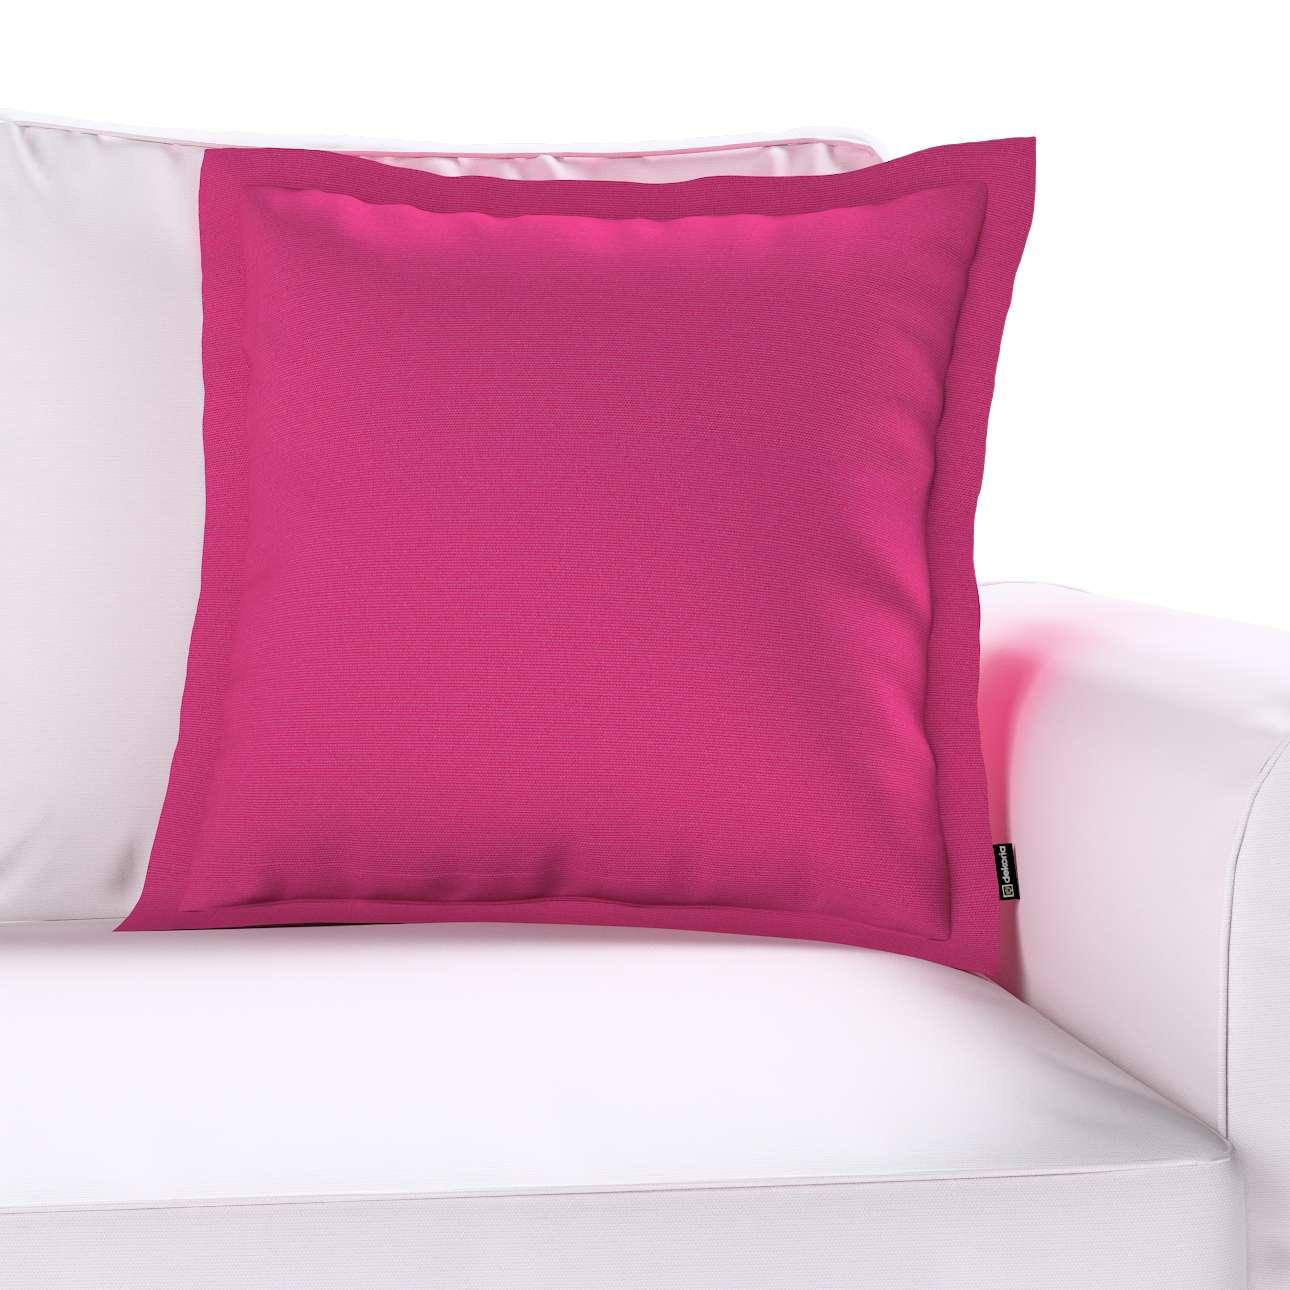 Poszewka Mona na poduszkę w kolekcji Loneta, tkanina: 133-60